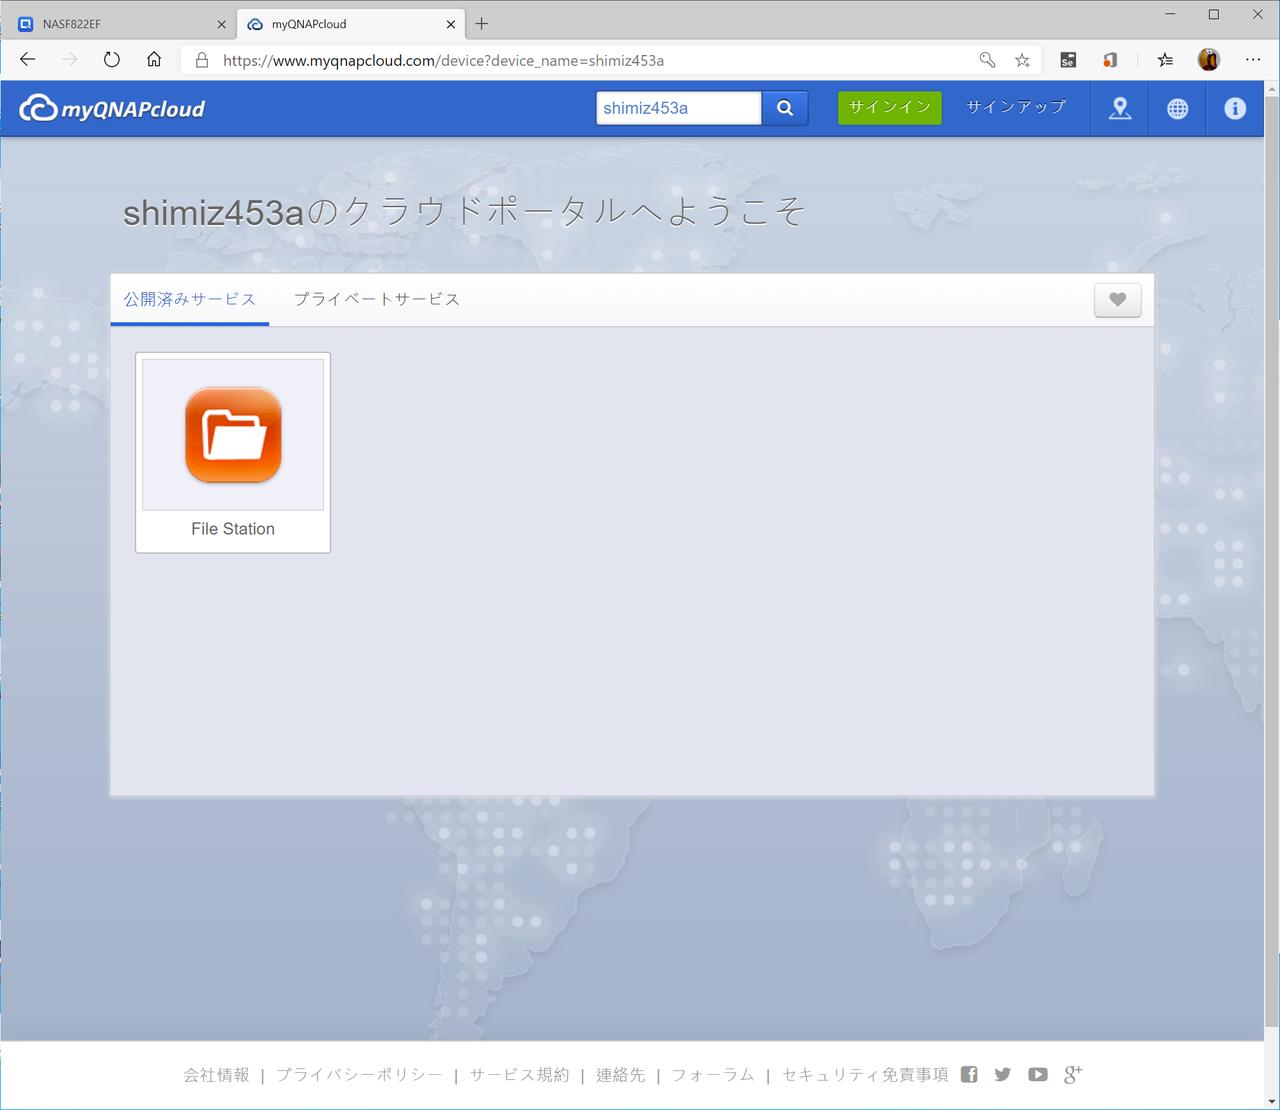 パブリックに設定されていると、デバイス名で誰でもNASのポータル(NAS自体ではなくNASで公開されているサービスの情報など)へアクセスできる